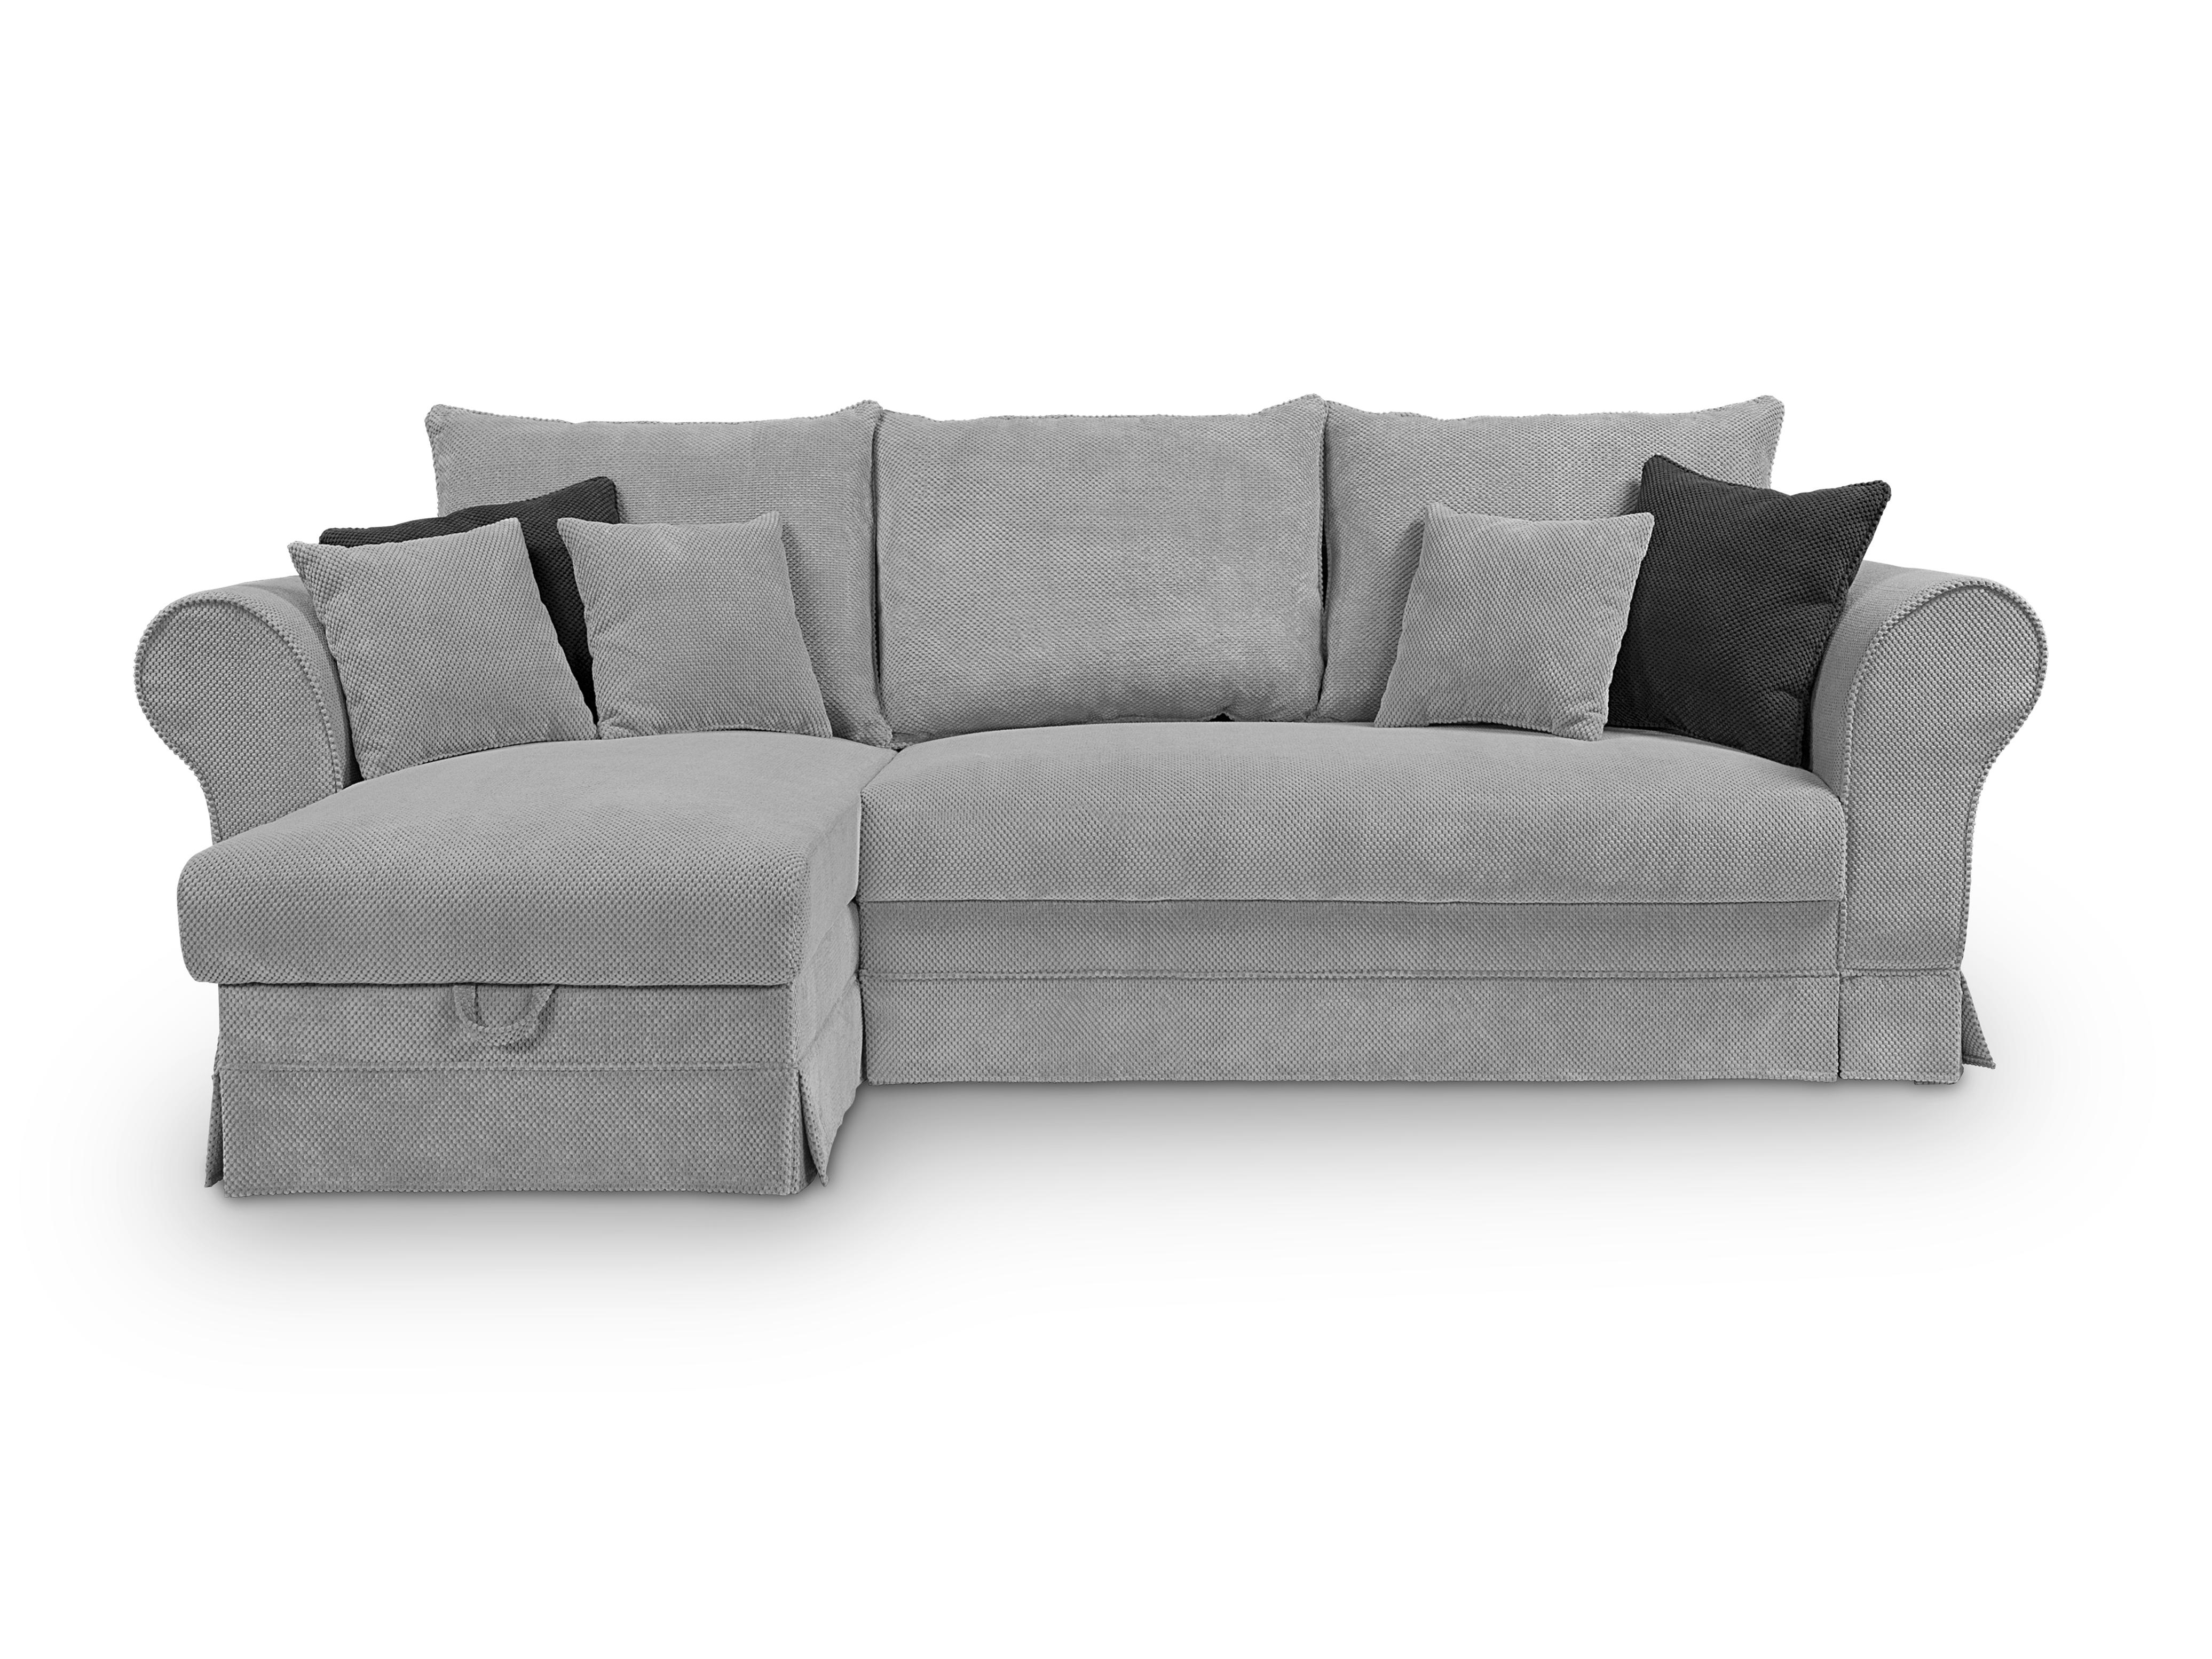 Rohová sedací souprava - BRW - Margaret II Lux 3DL.URCBK (šedá) (L)